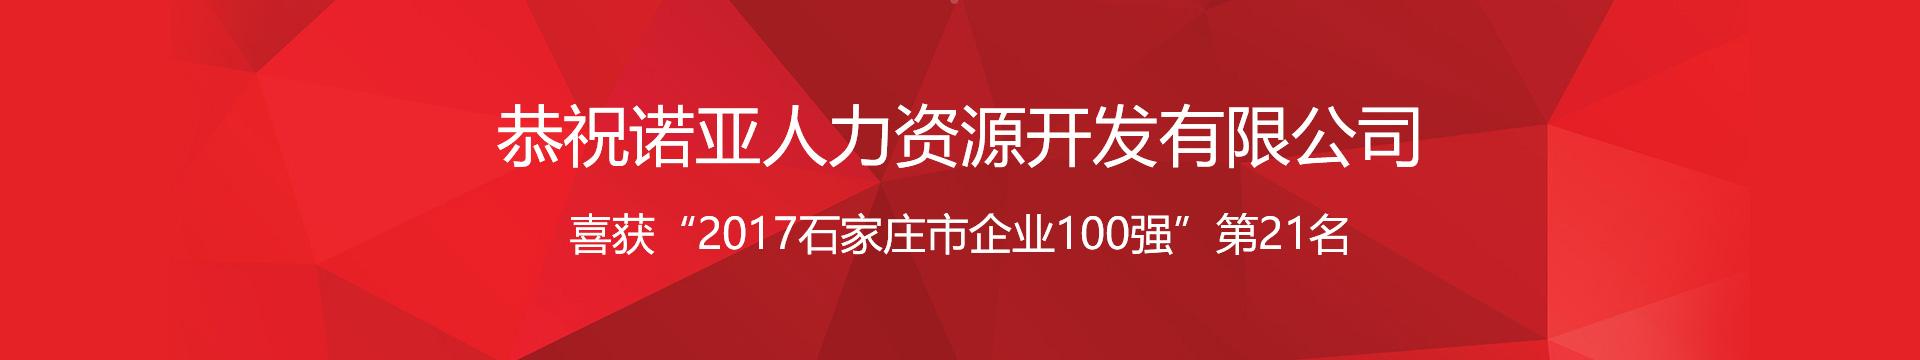 河北诺亚荣获2017石家庄市百强企业第21名